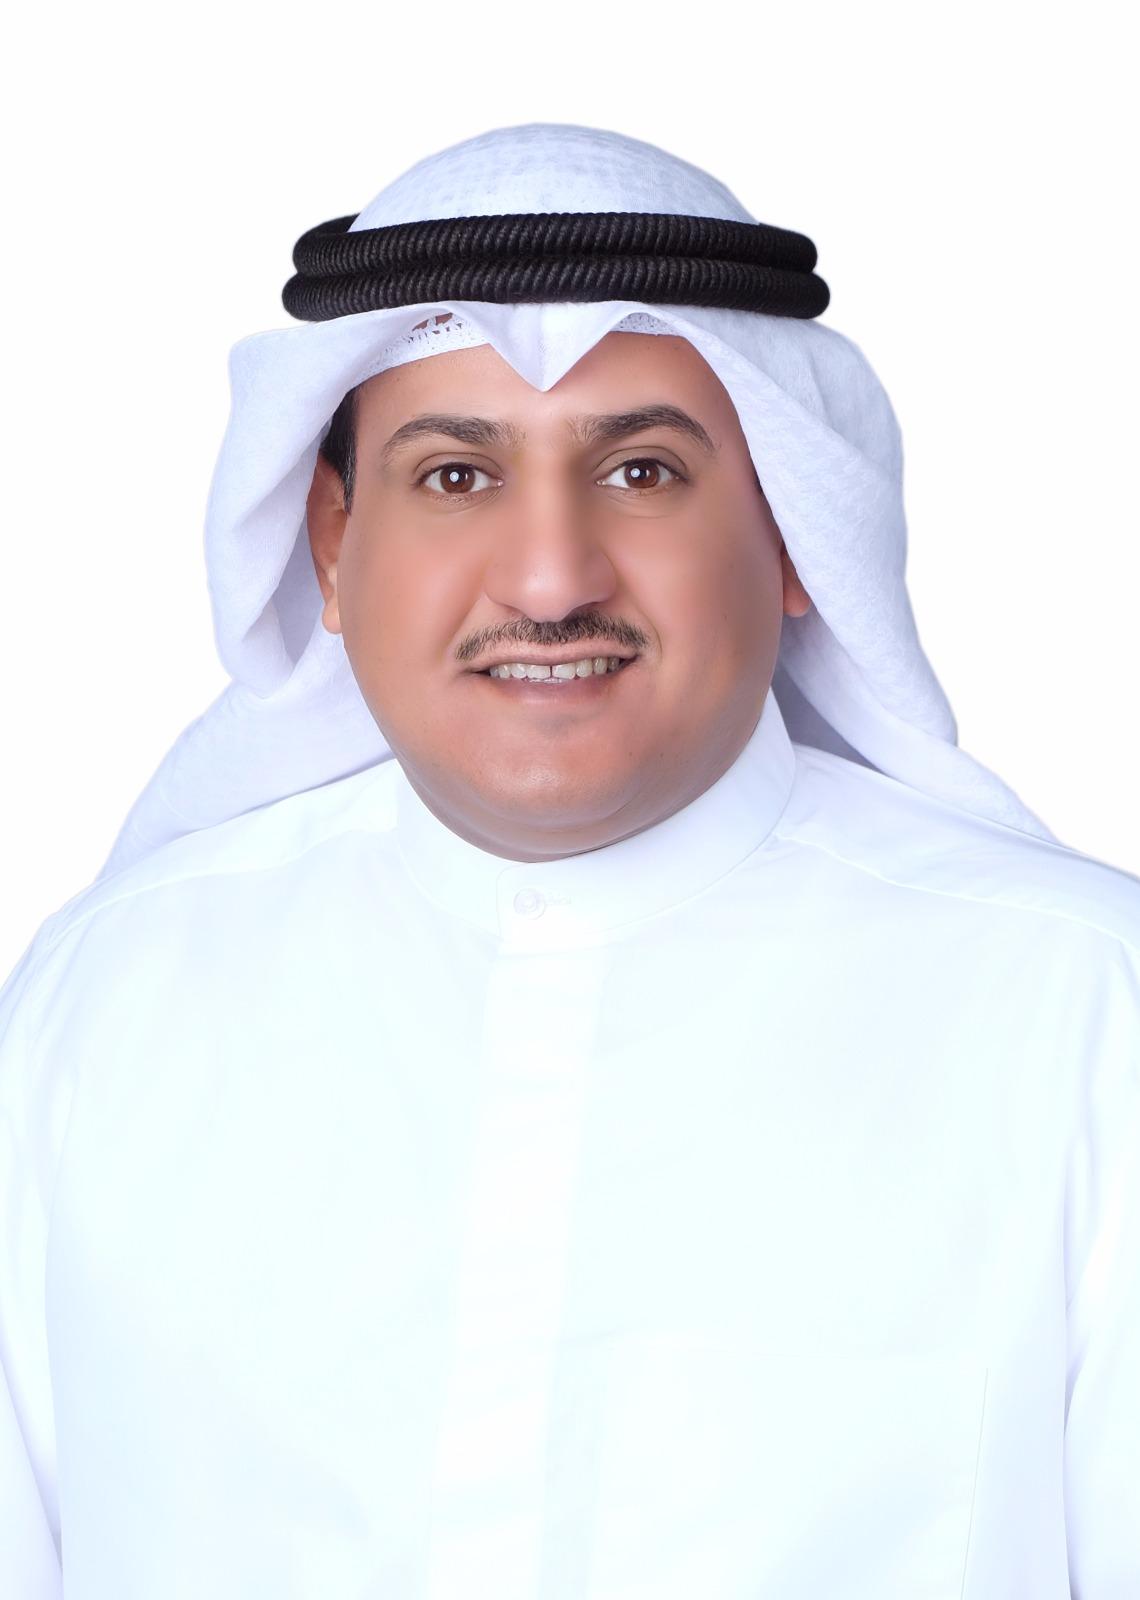 الجمعية تهنئ رئيس وأعضاء اللجنة المؤقتة وتطالب بالاسراع بتشكيل المجلس البلدي